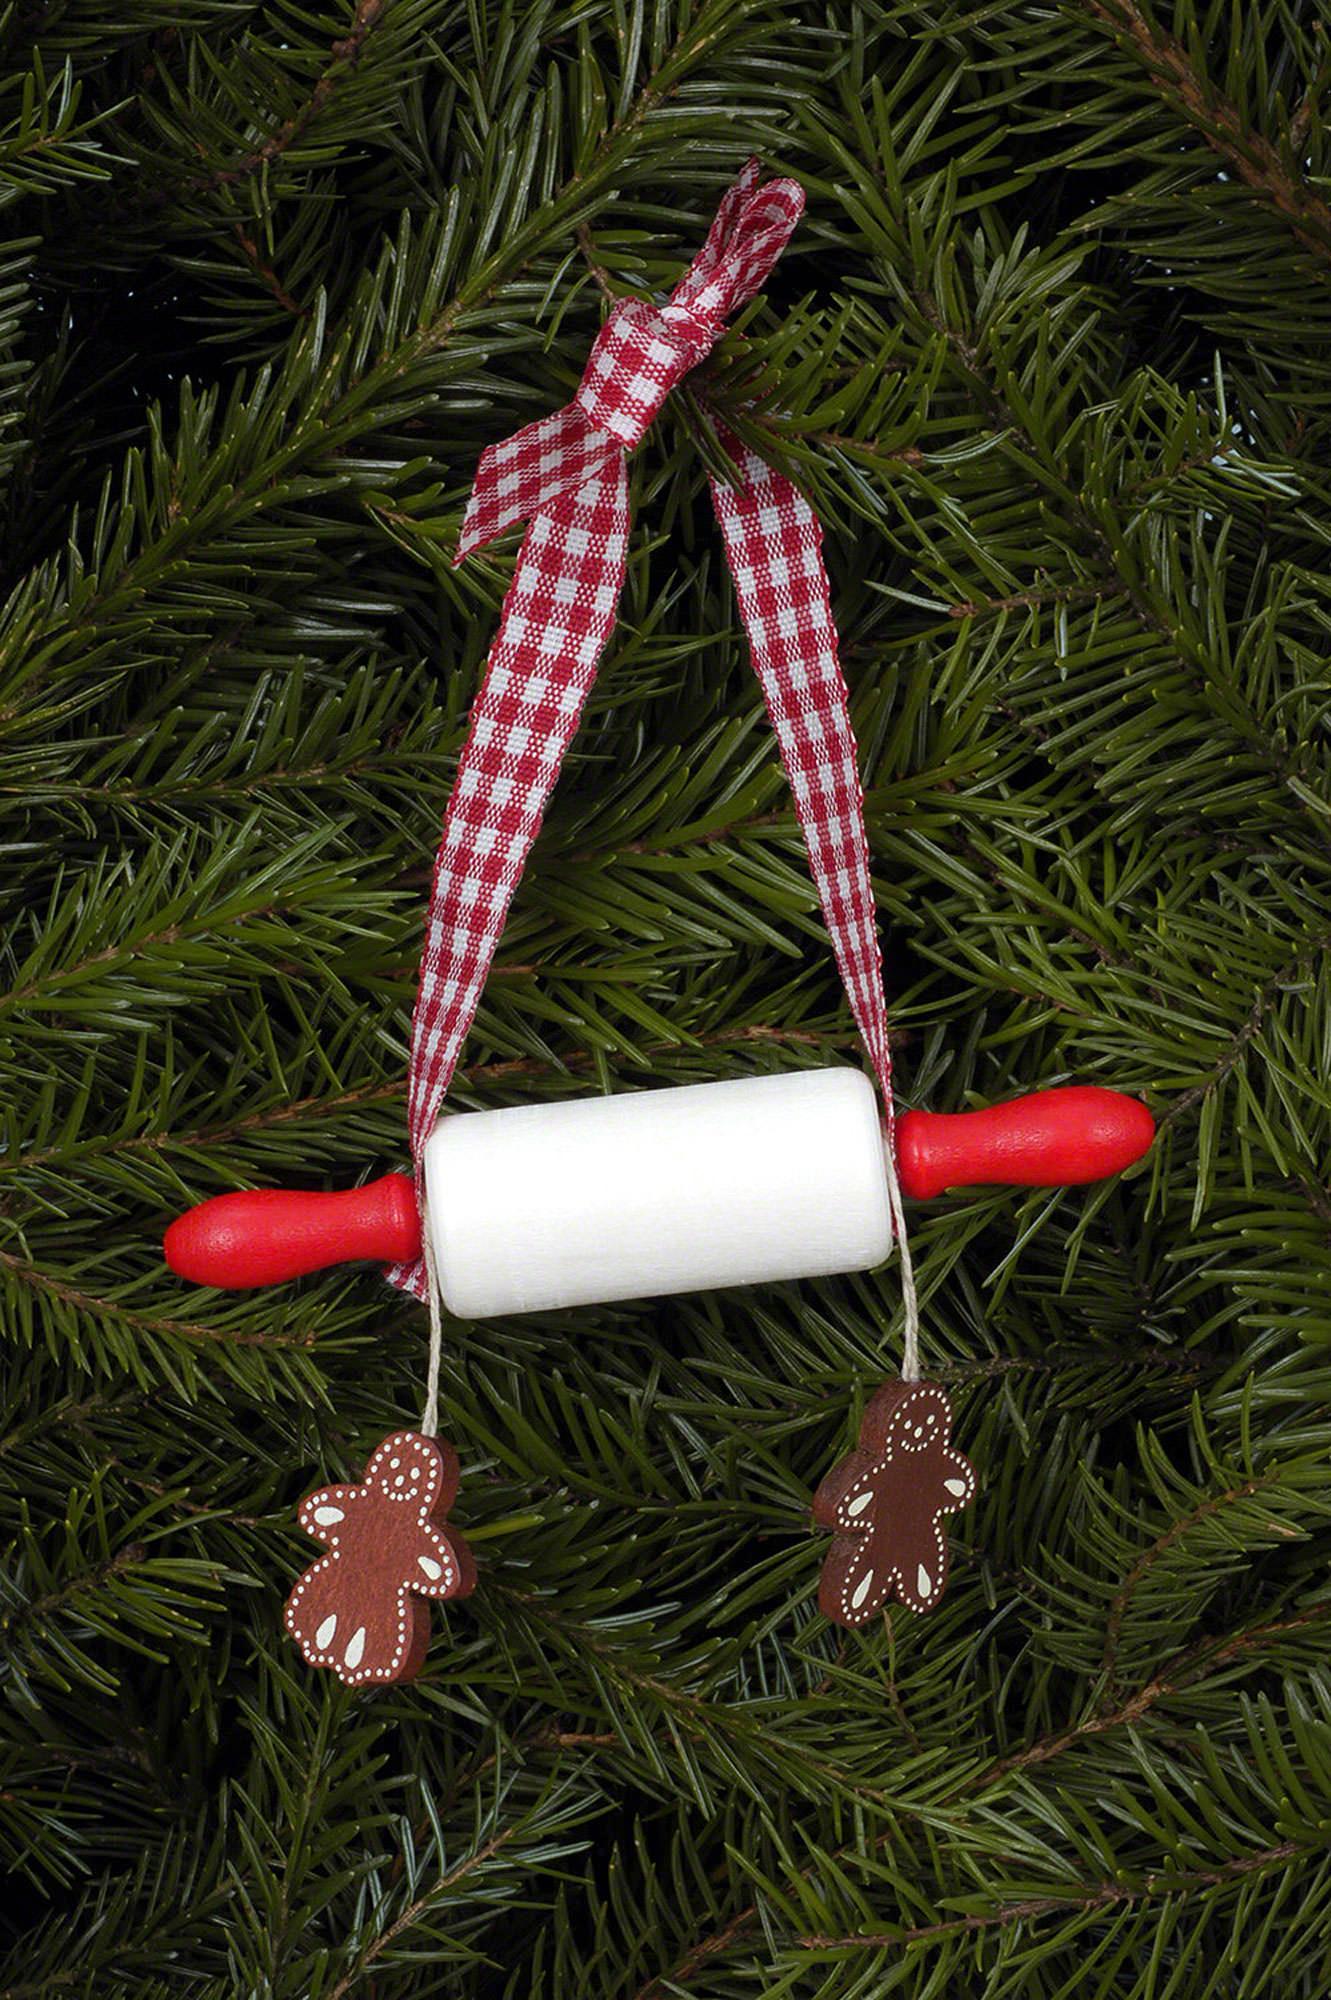 tree ornaments1 21 - photo #23